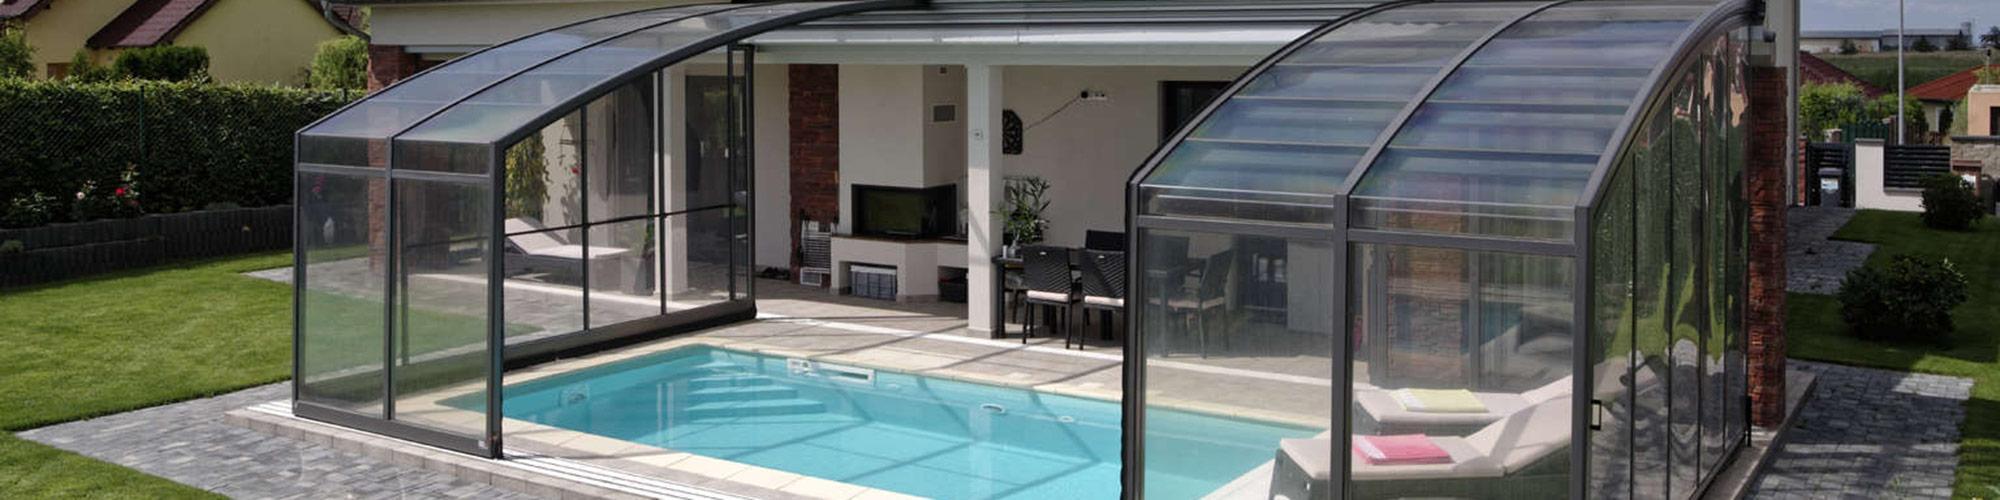 AK-Wintergarten / Poolüberdachungen - Schutz vor Wind und Wetter ...